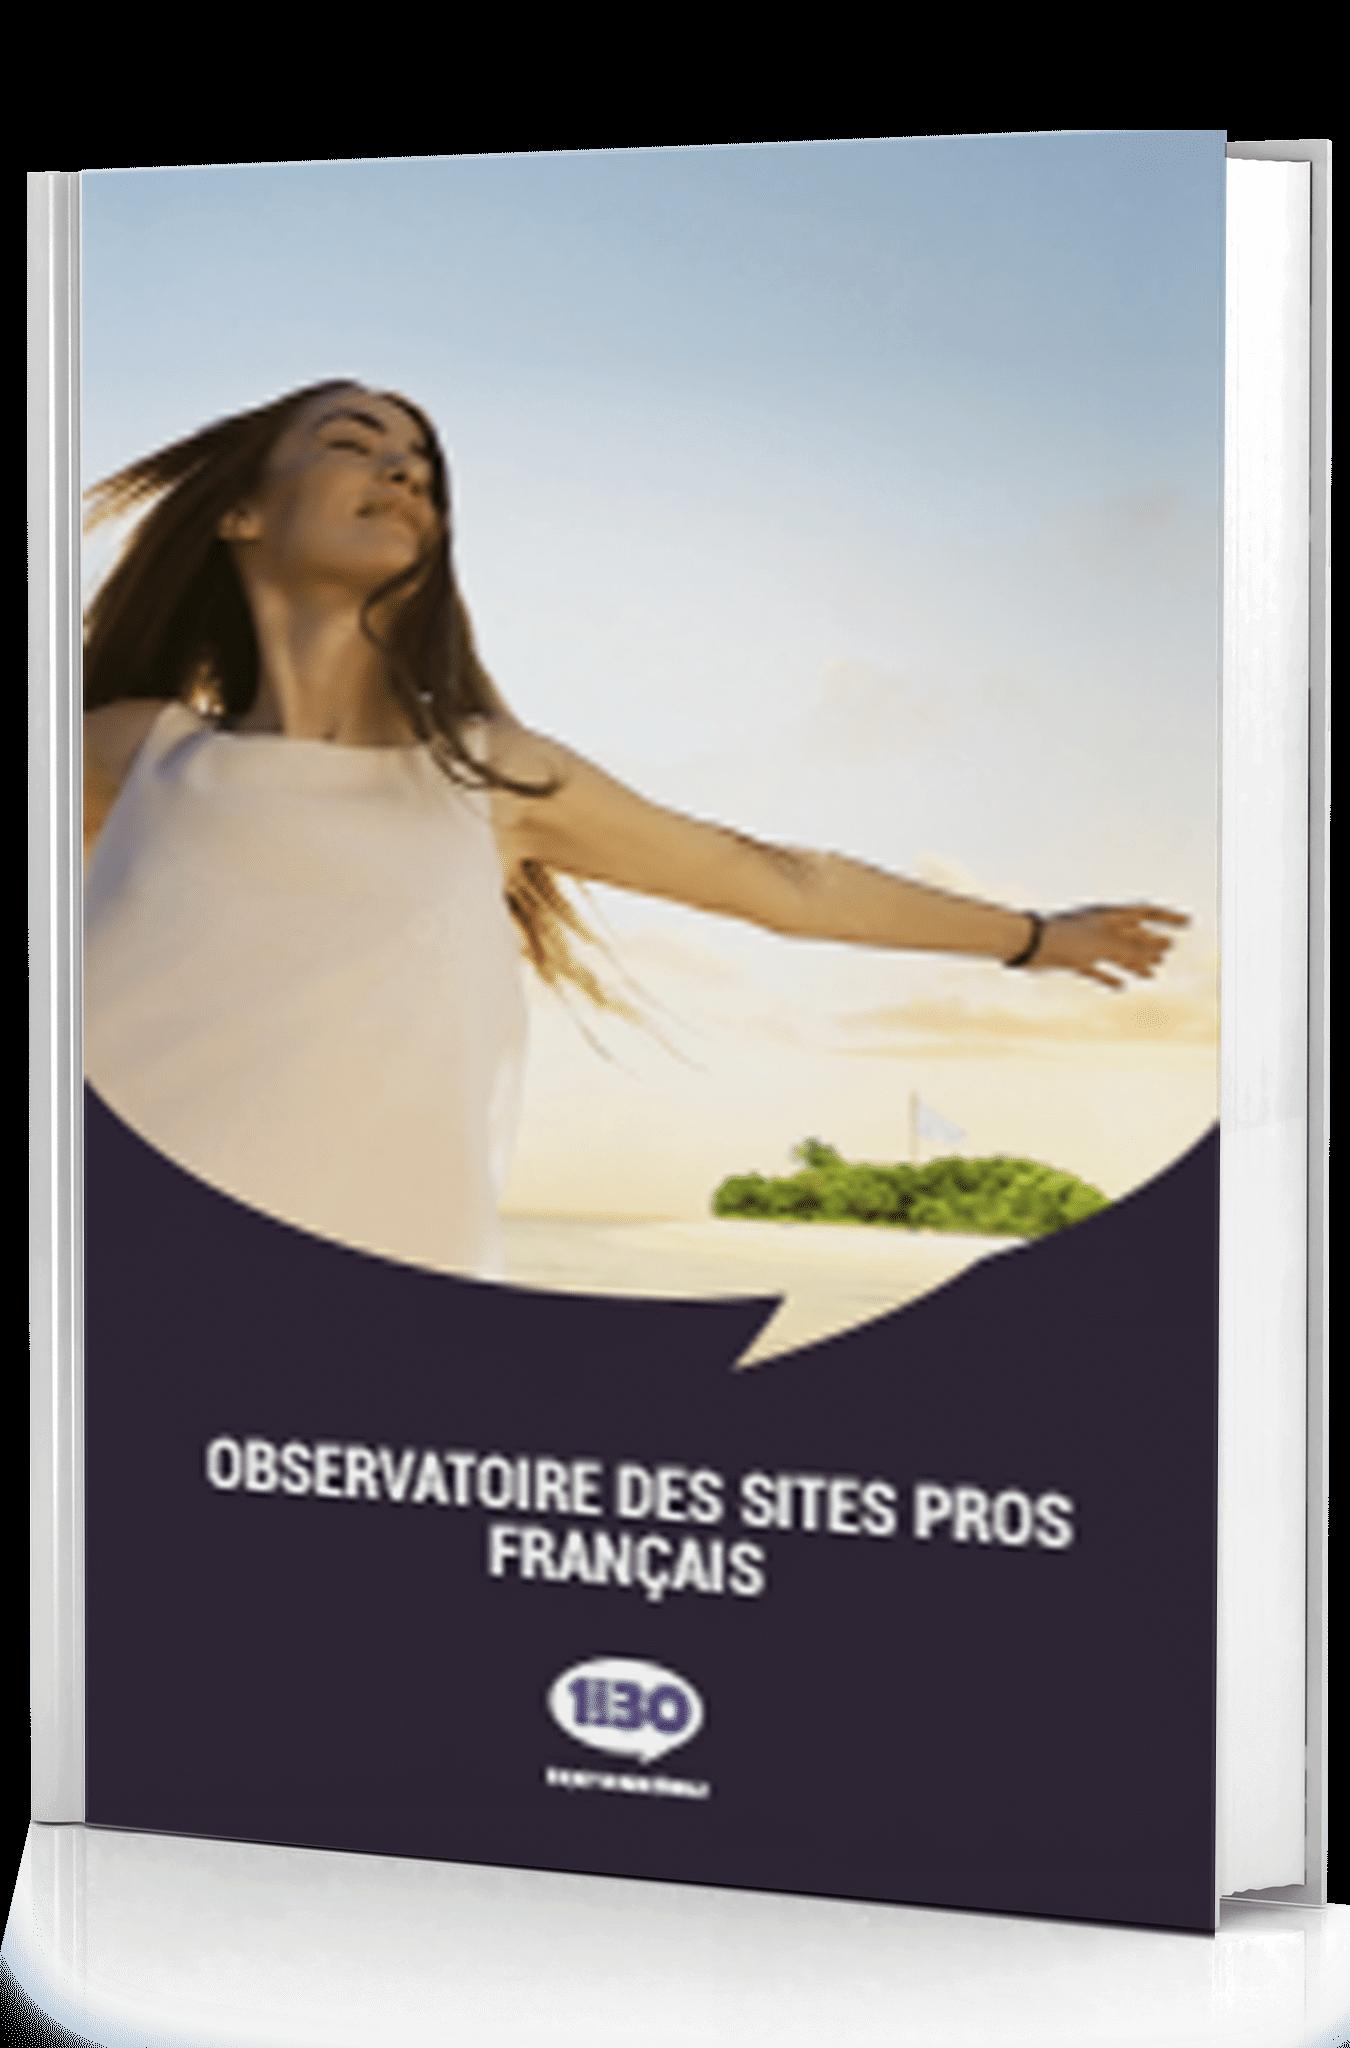 observatoire des sites pros français